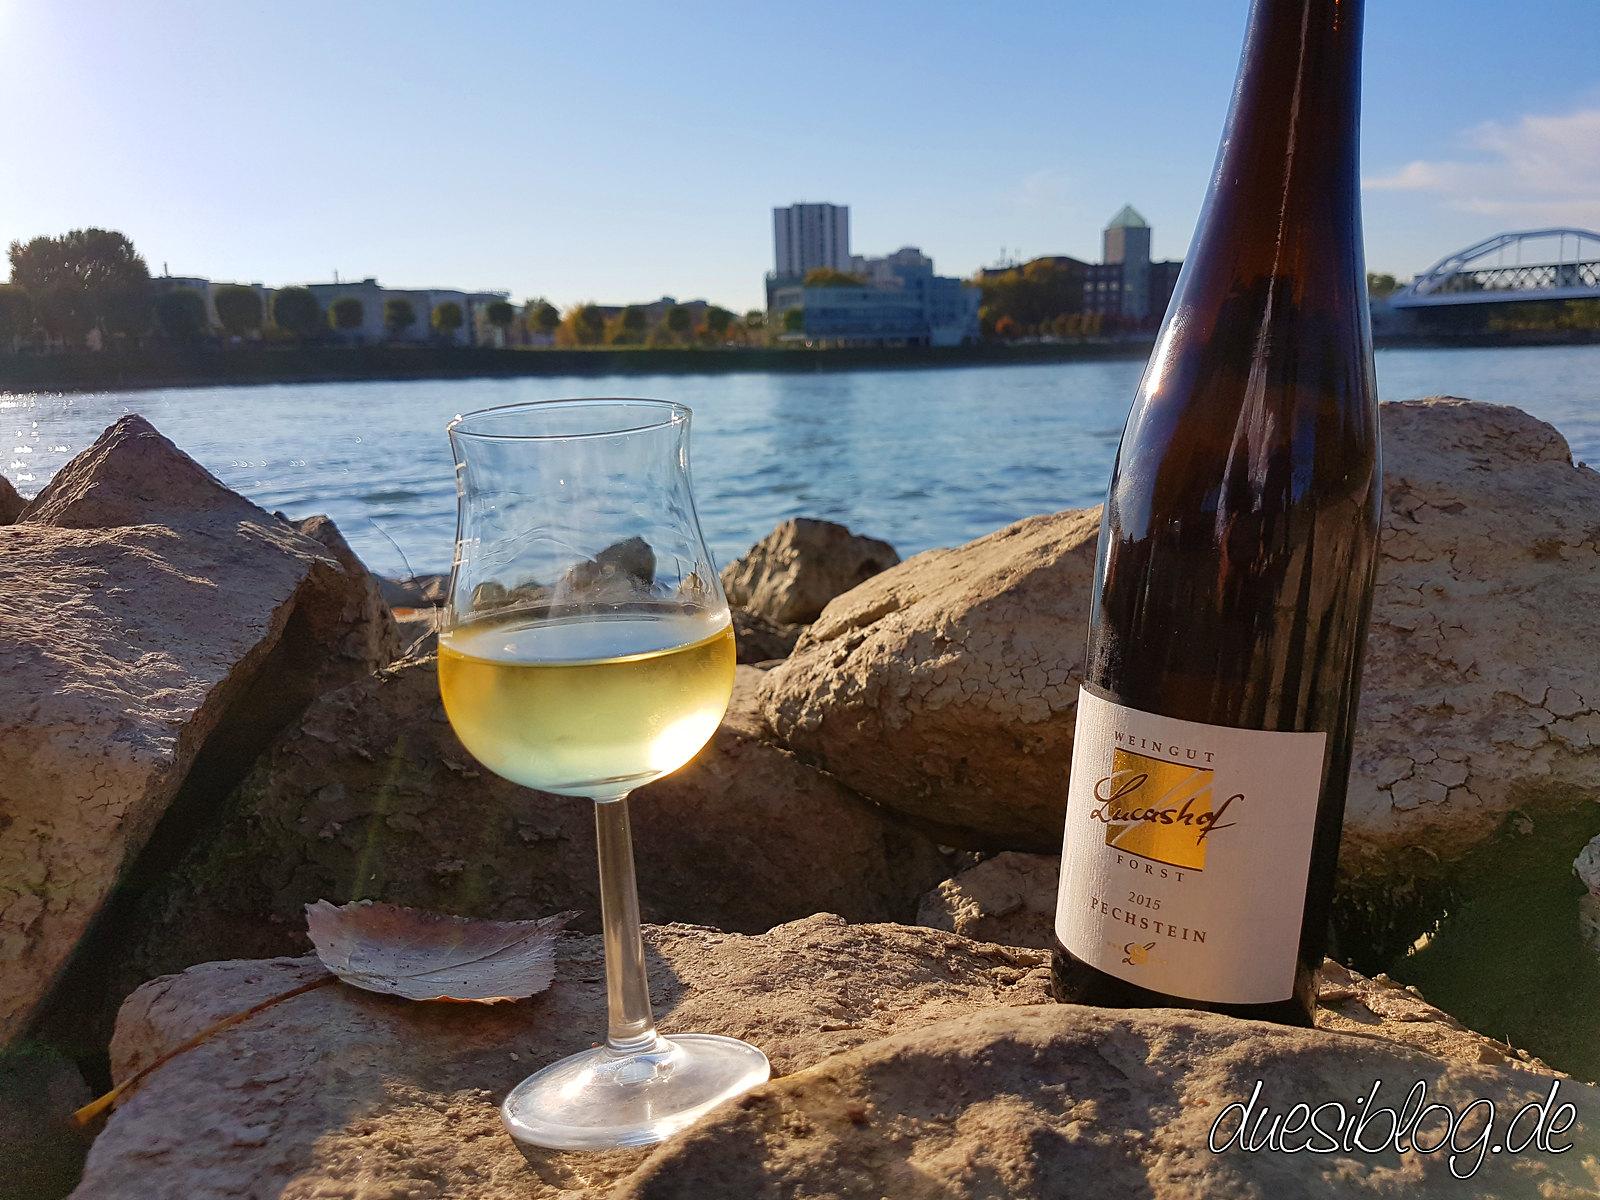 Generation Pfalz WtasO Wein trinken an schönen Orten mit Lucashof am Rheinstrand Mannheim duesiblog 2